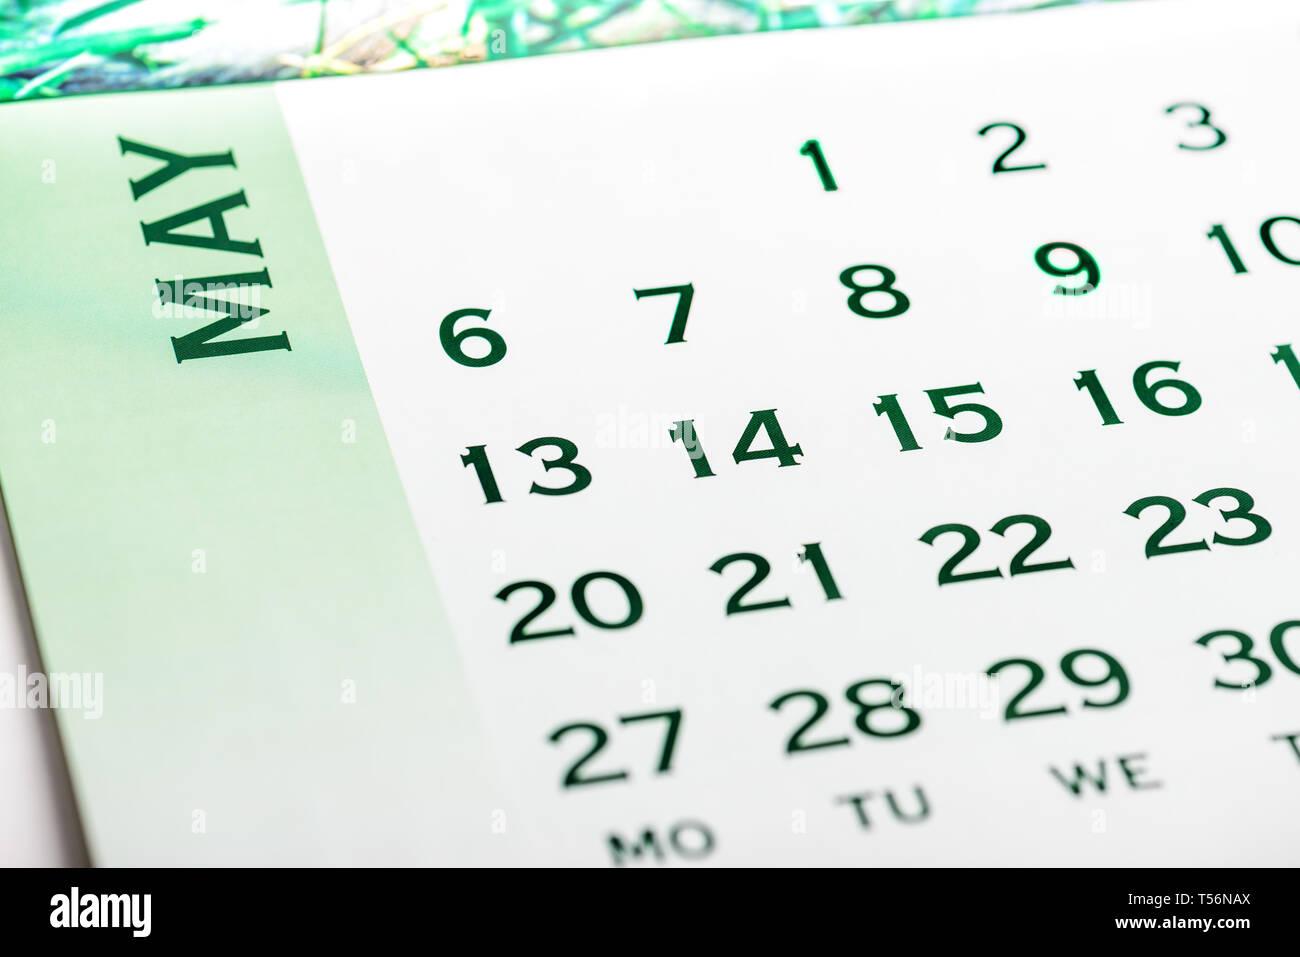 Vista superior de la página del calendario de mayo. Tono verde Imagen De Stock